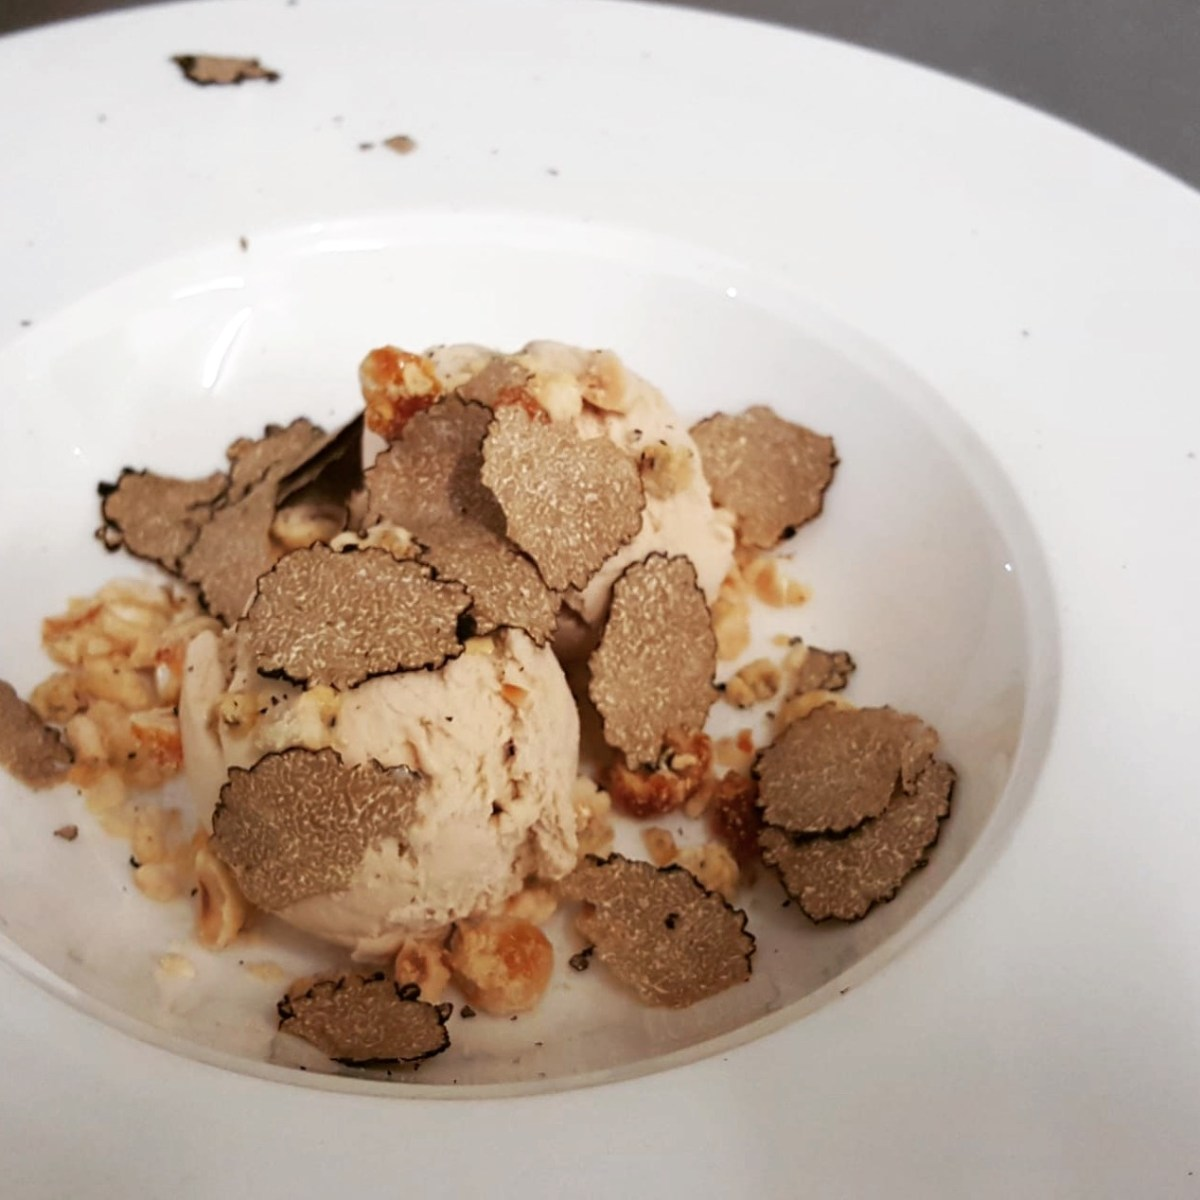 hazelnut ice cream with truffle